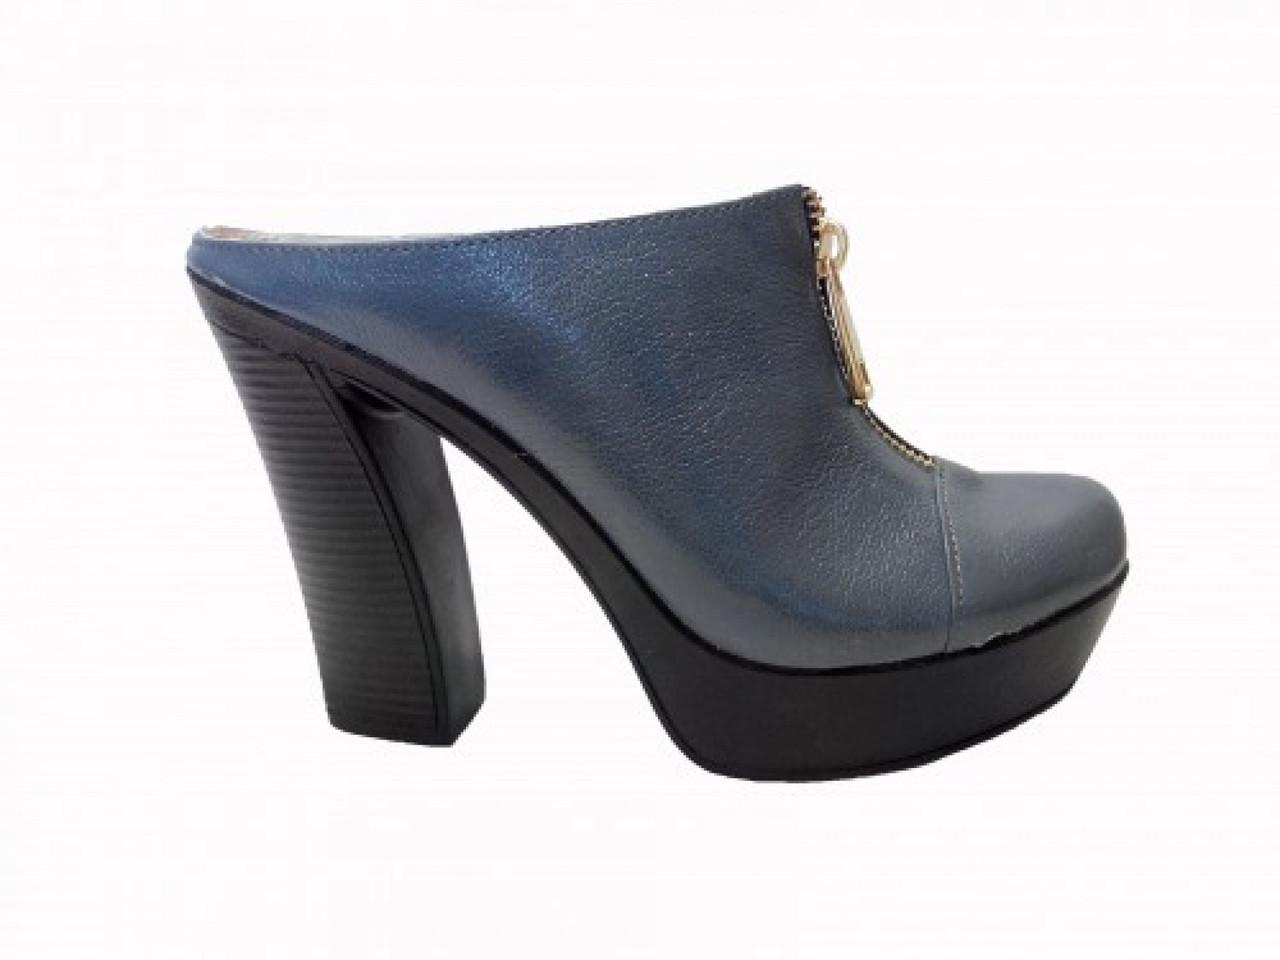 Сабо из натуральной кожи синего цвета, на устойчивом высоком каблуке